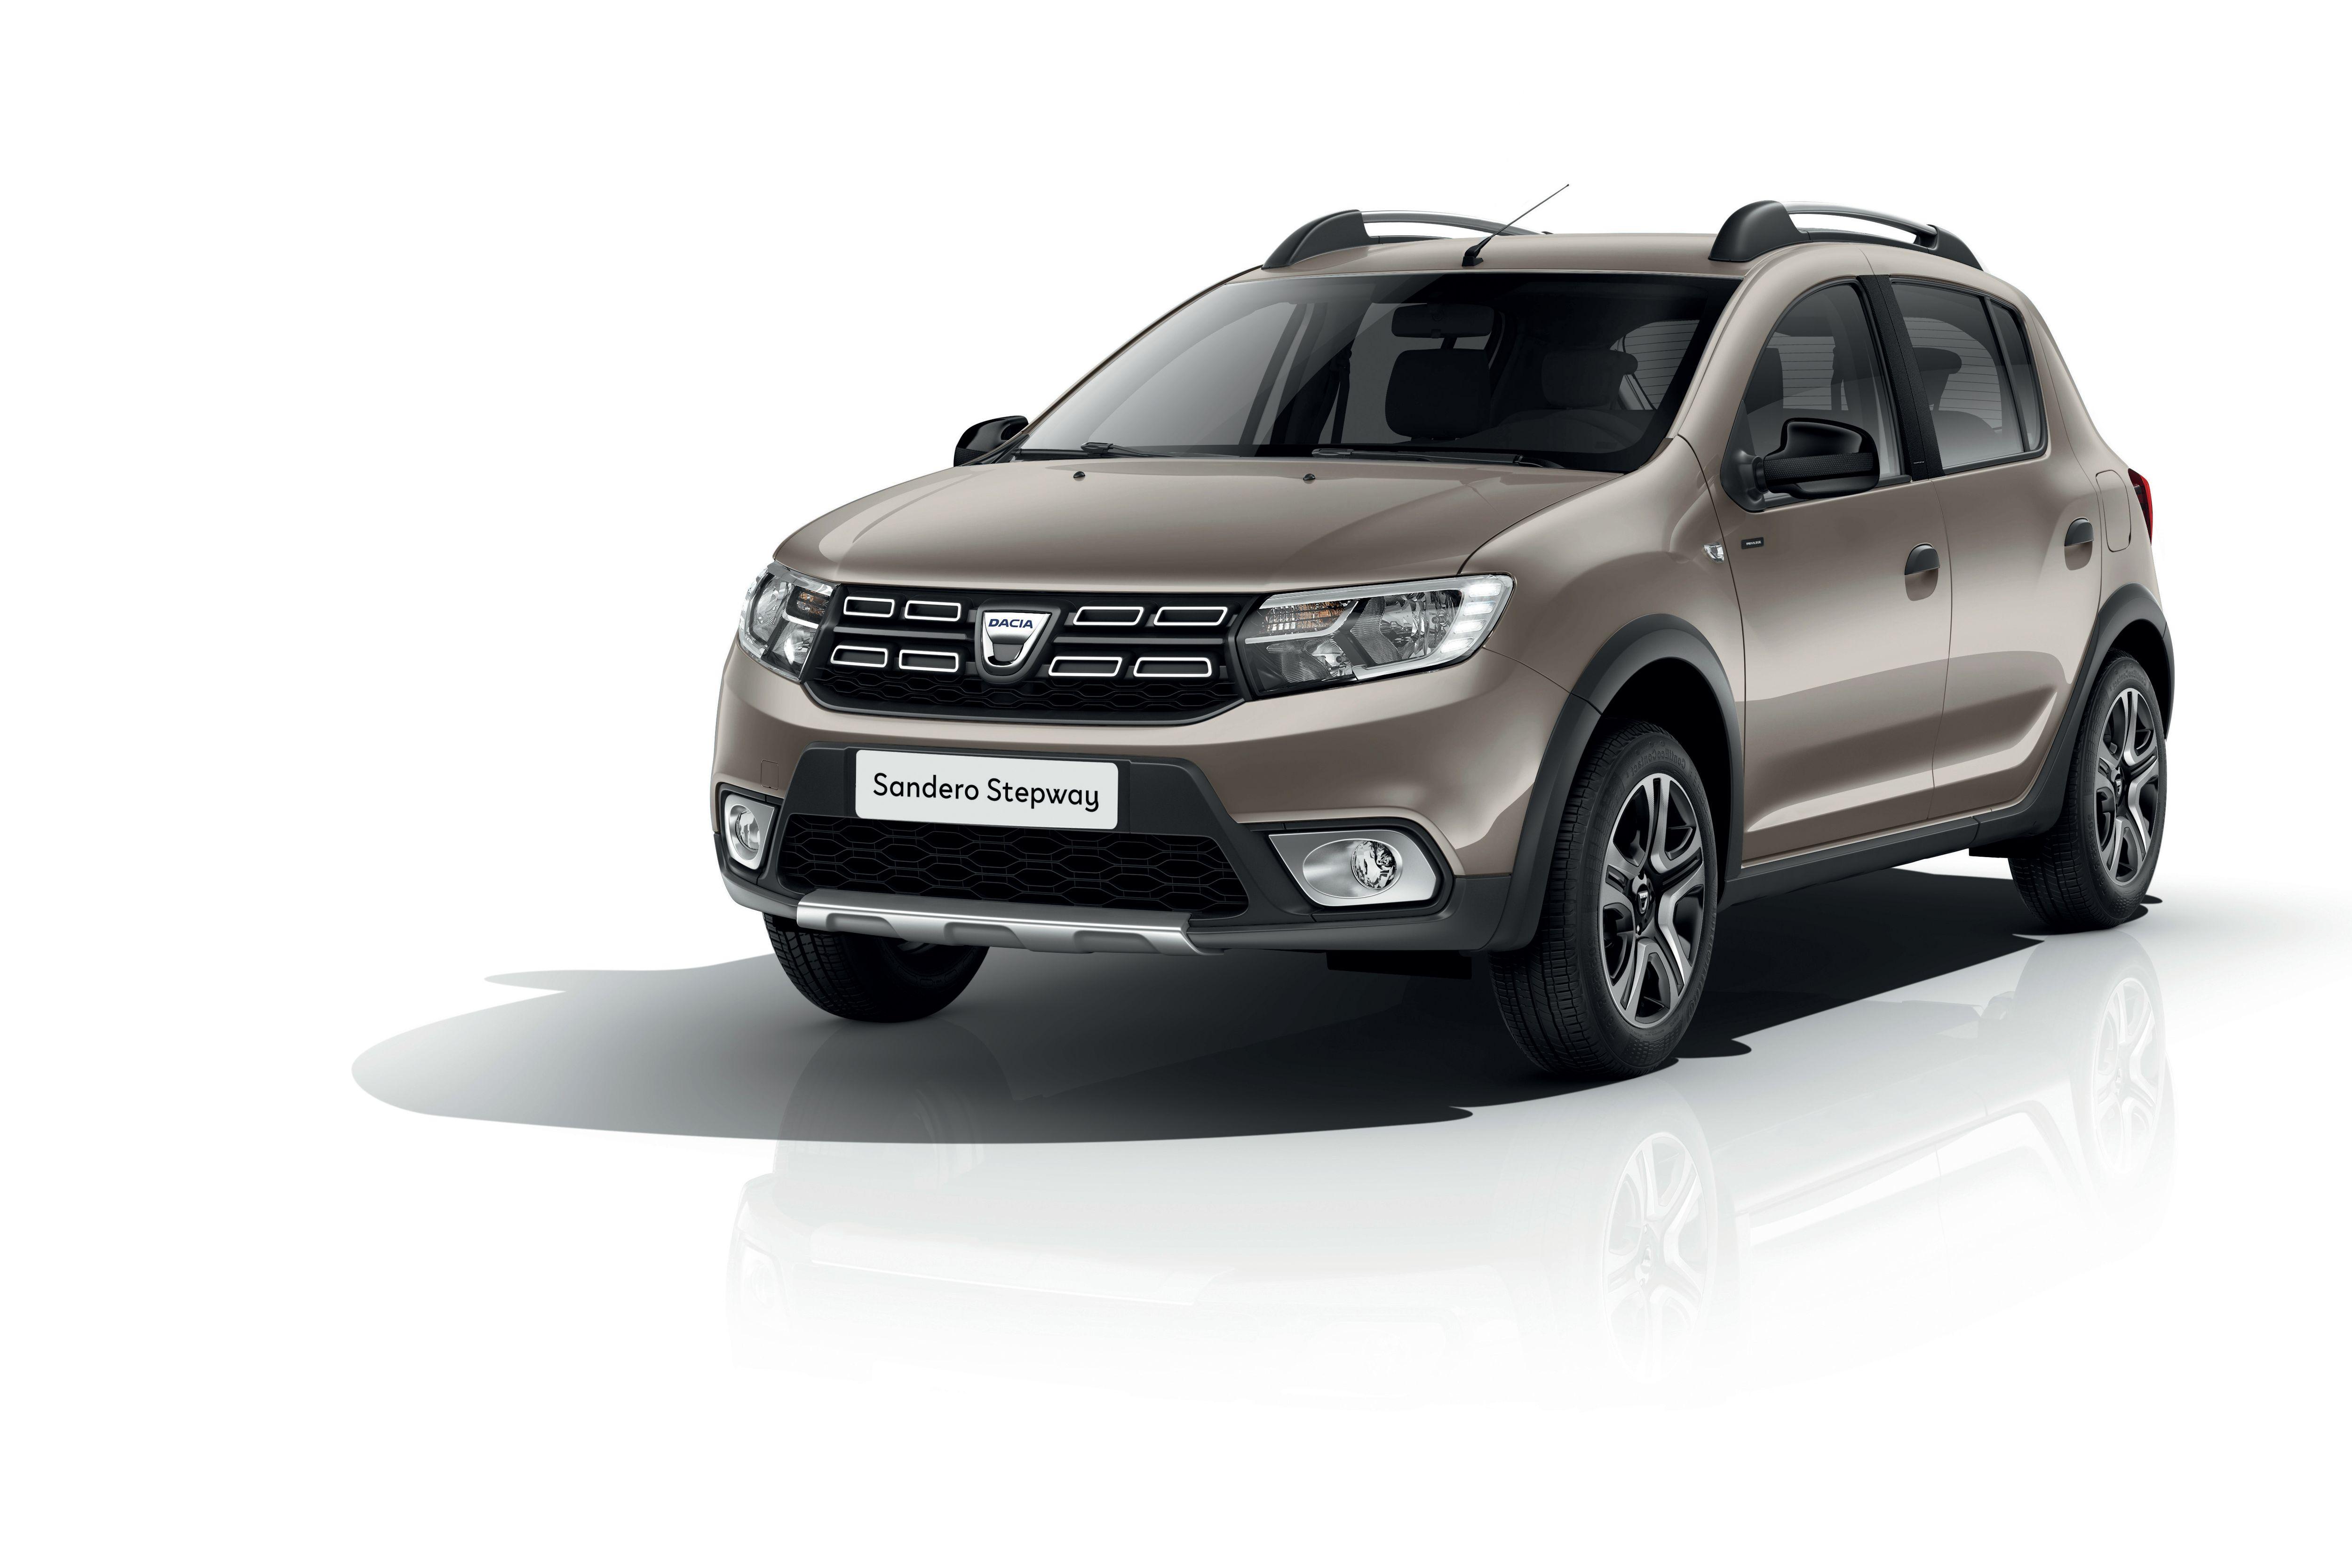 Dacia LPG'li modelleri için Eylül ayında faizleri sıfırladı